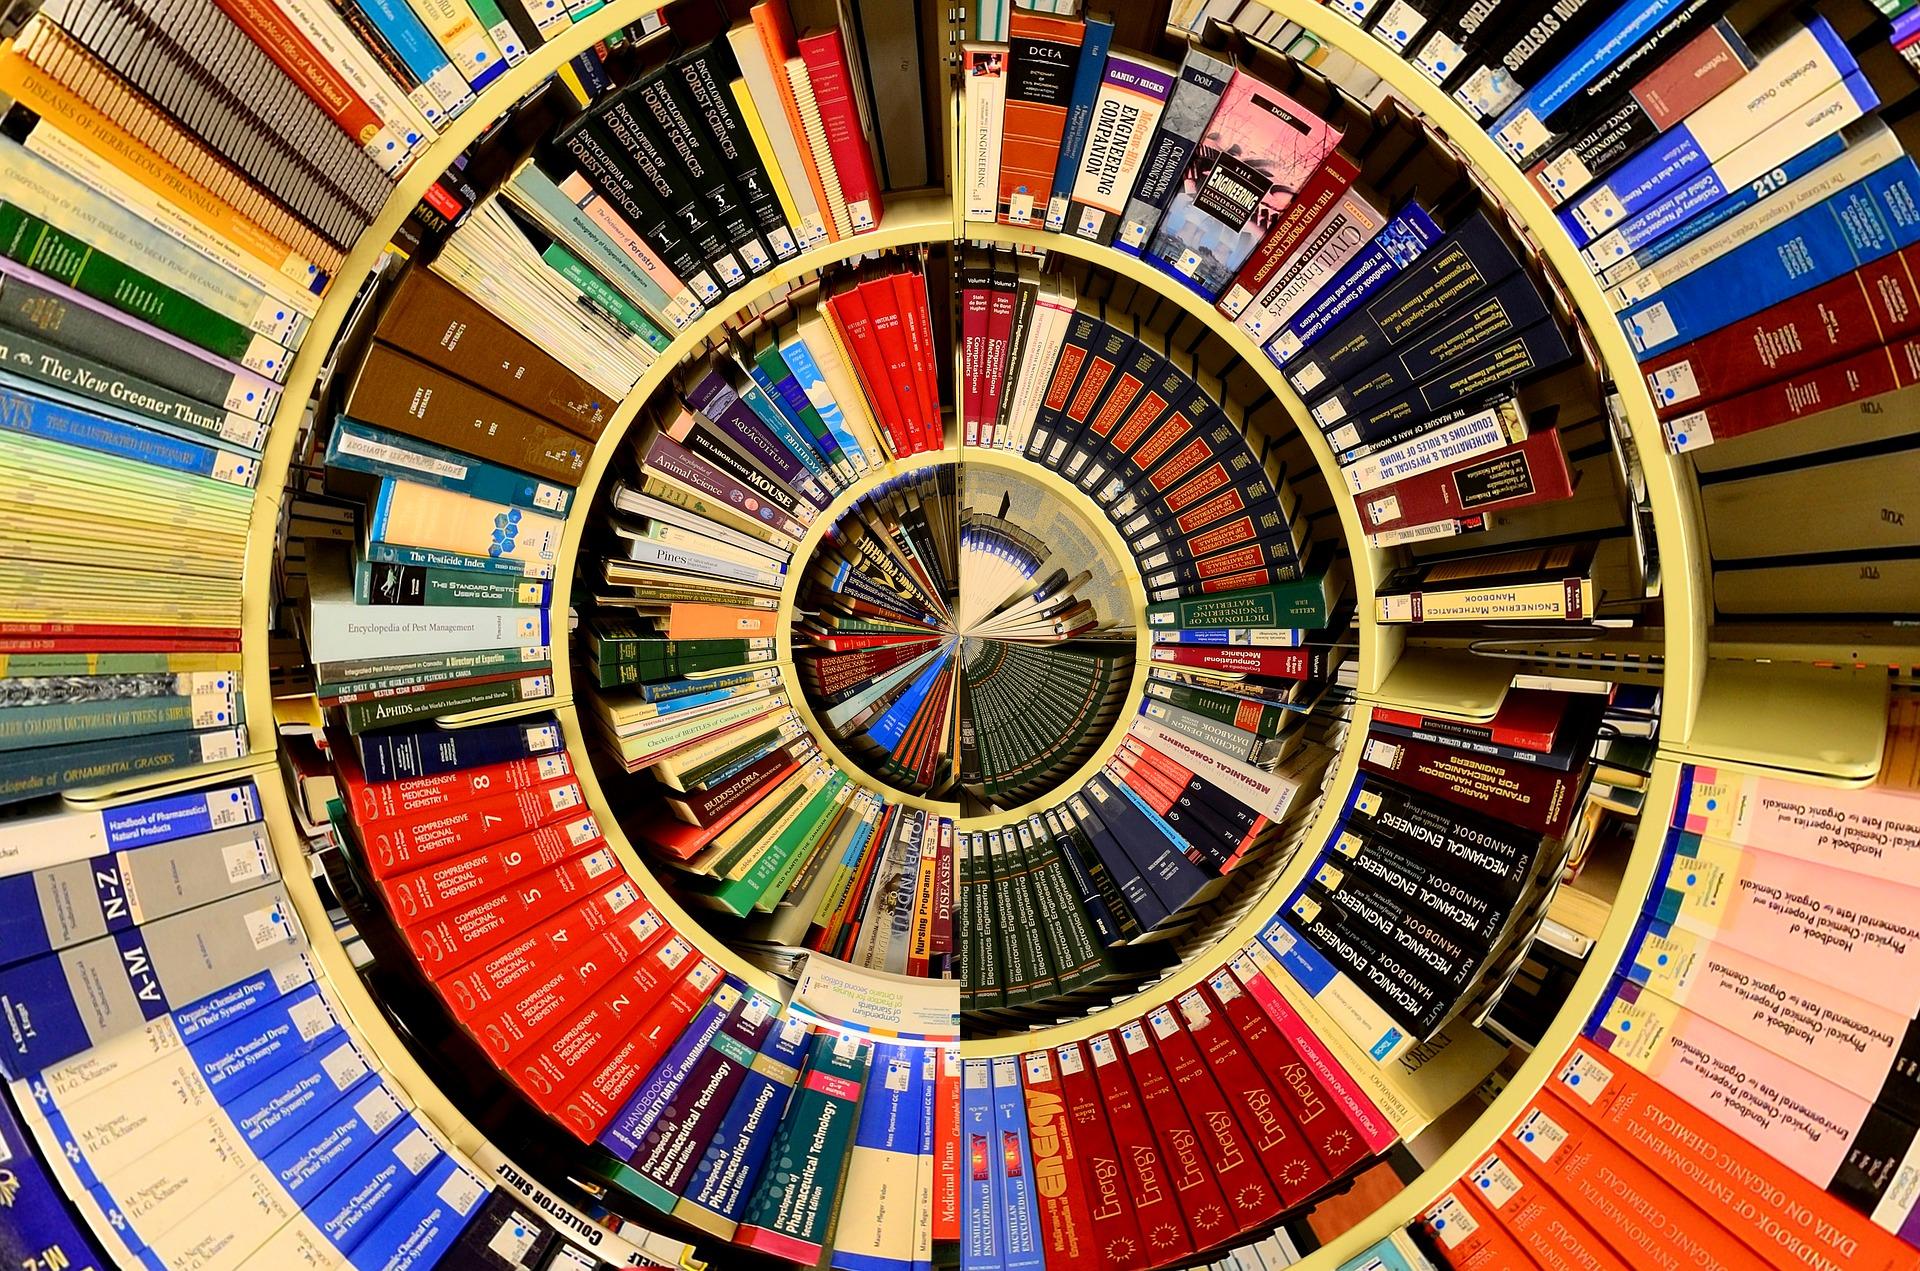 Una libreria della Repubblica. Settanta libri per settanta anni di Italia repubblicana